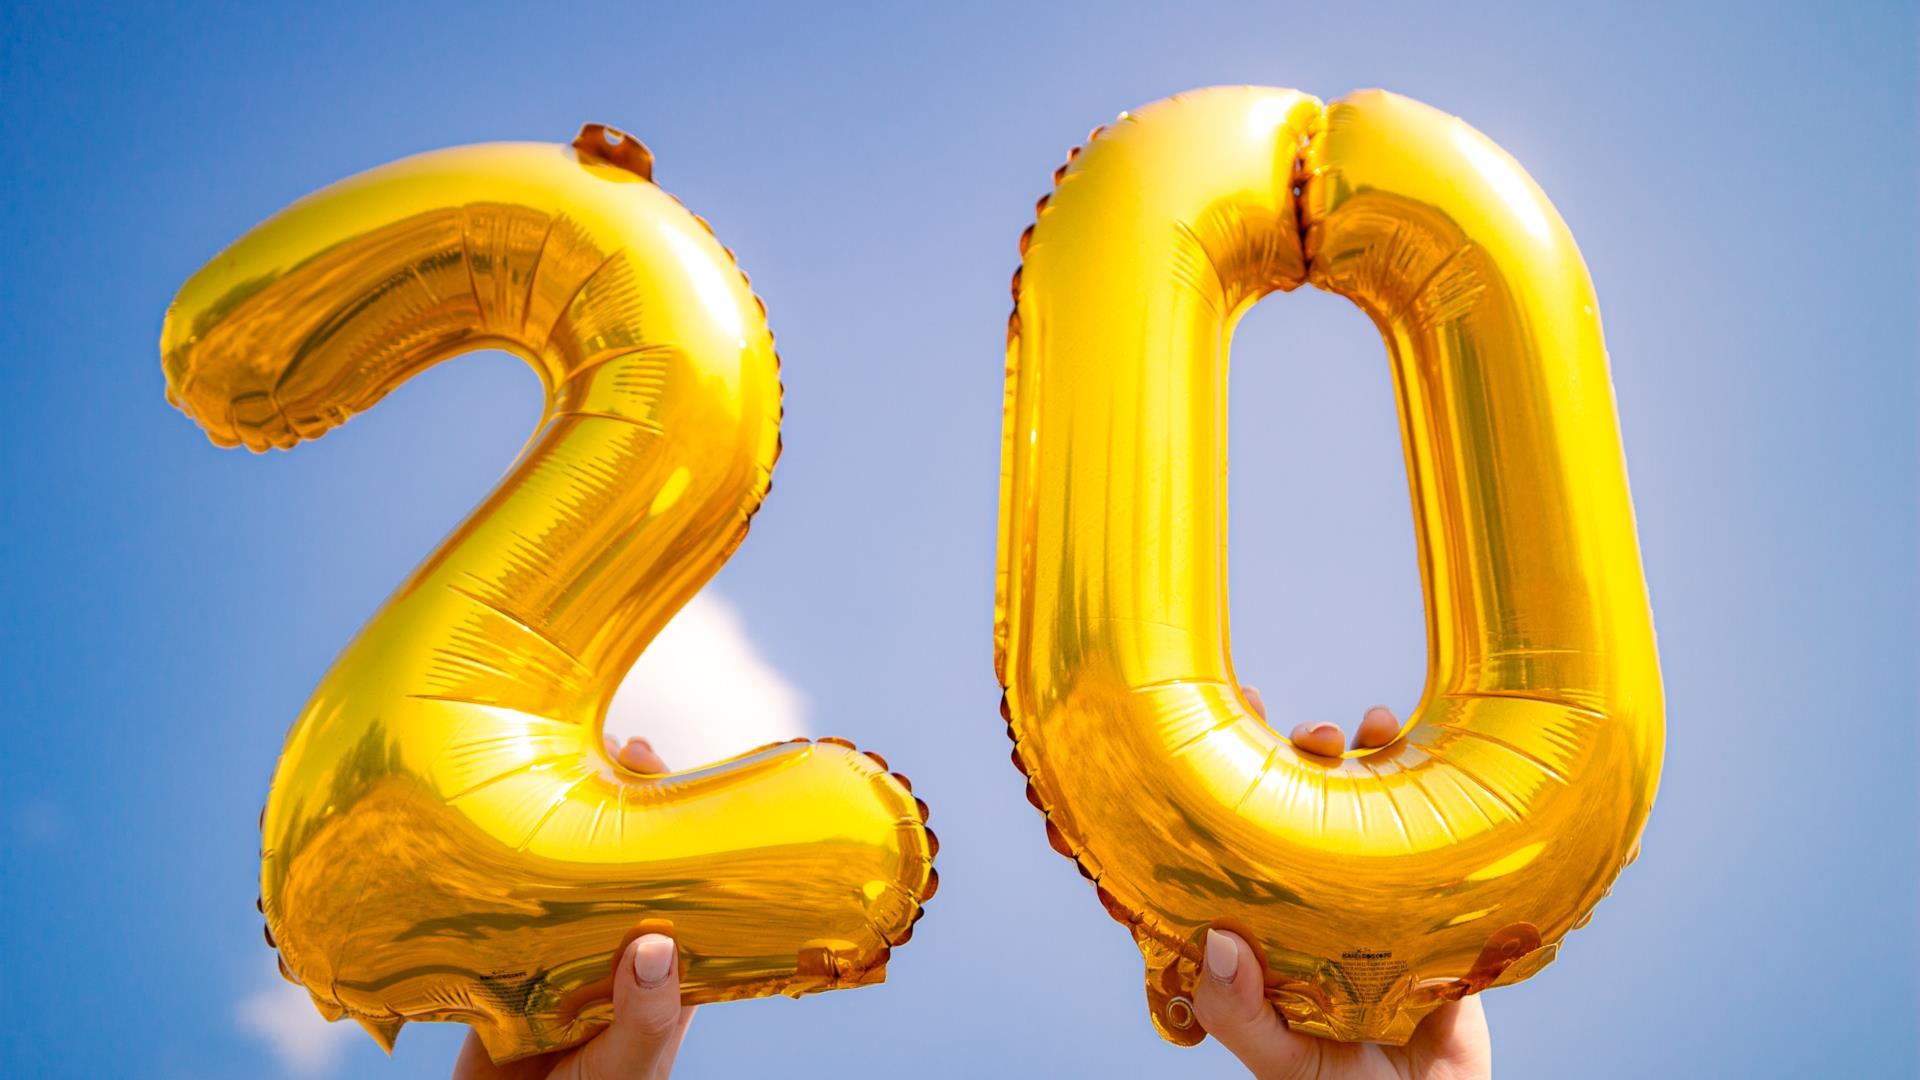 Frasi Di Compleanno 20 Anni Le Piu Belle E Divertenti Con Immagini